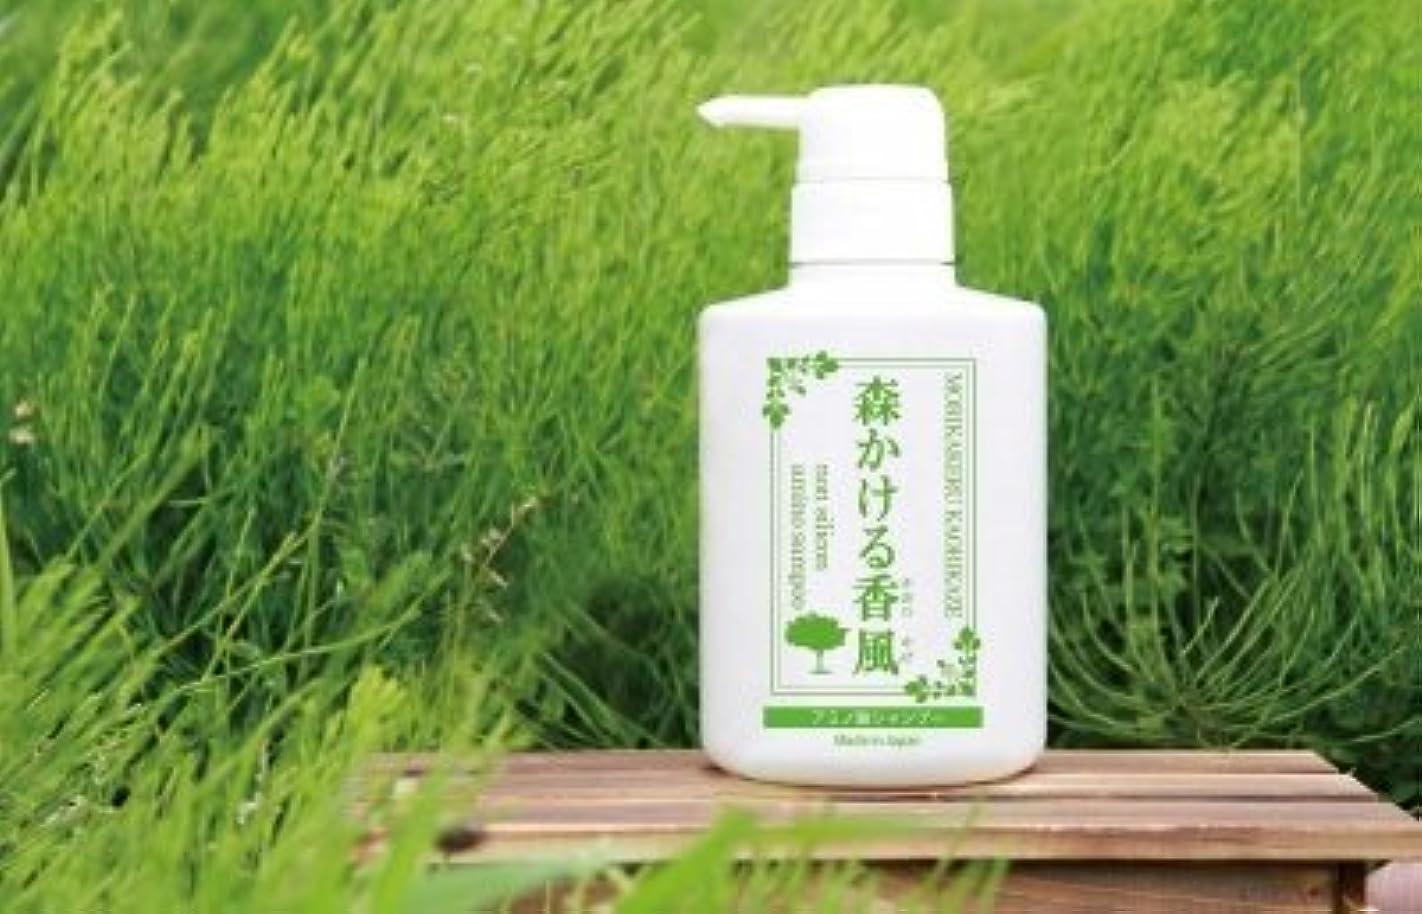 モッキンバード順応性のある万歳お肌にやさしい弱酸性のアミノ酸シャンプー「森かける香風」300ml(品番K-1)k-gate